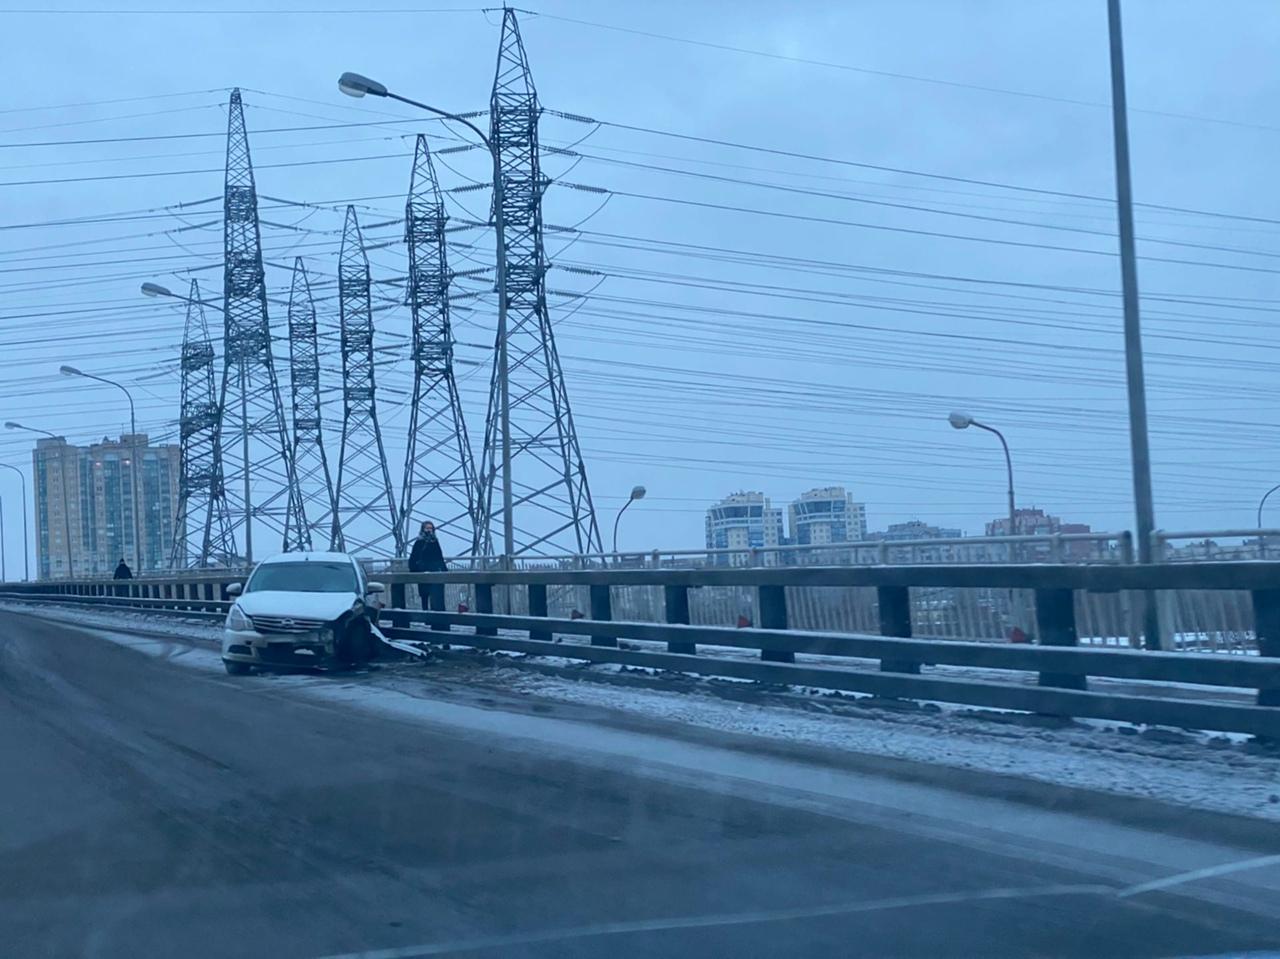 На Российском путепроводе водитель Альмеры сам себе устроил аварию с отборником. В этом месте очень ...